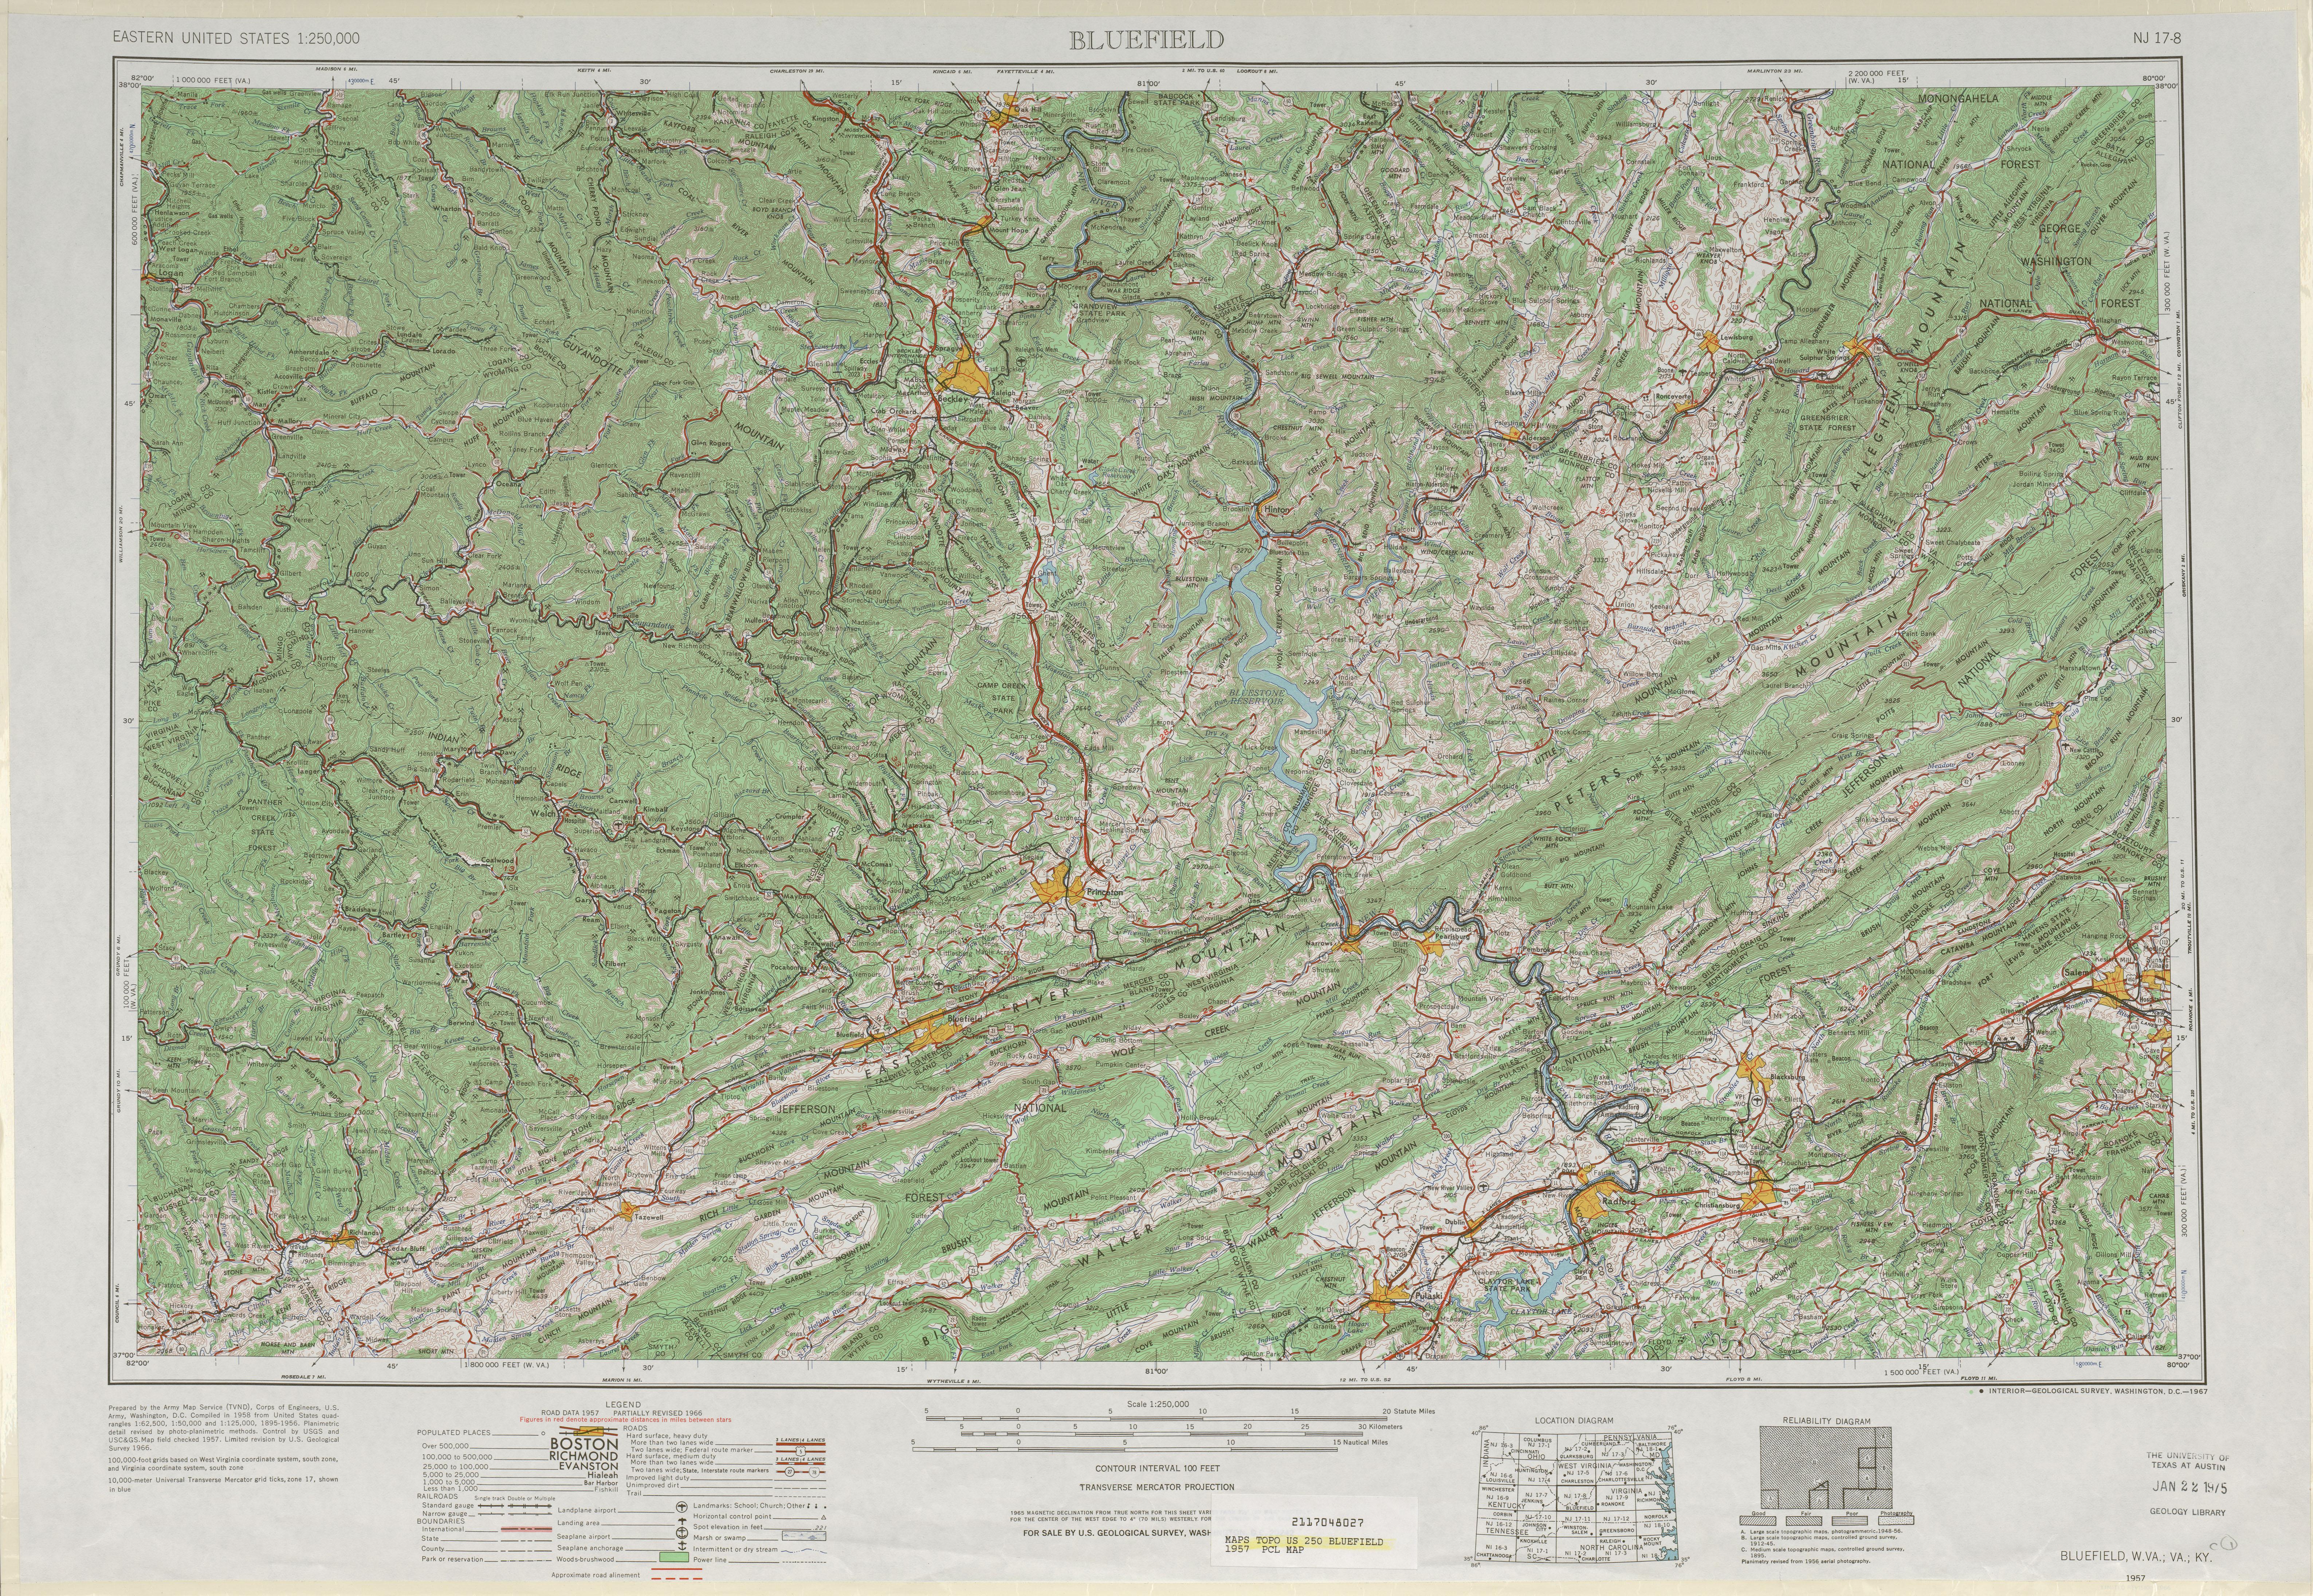 Hoja Bluefield del Mapa Topográfico de los Estados Unidos 1957